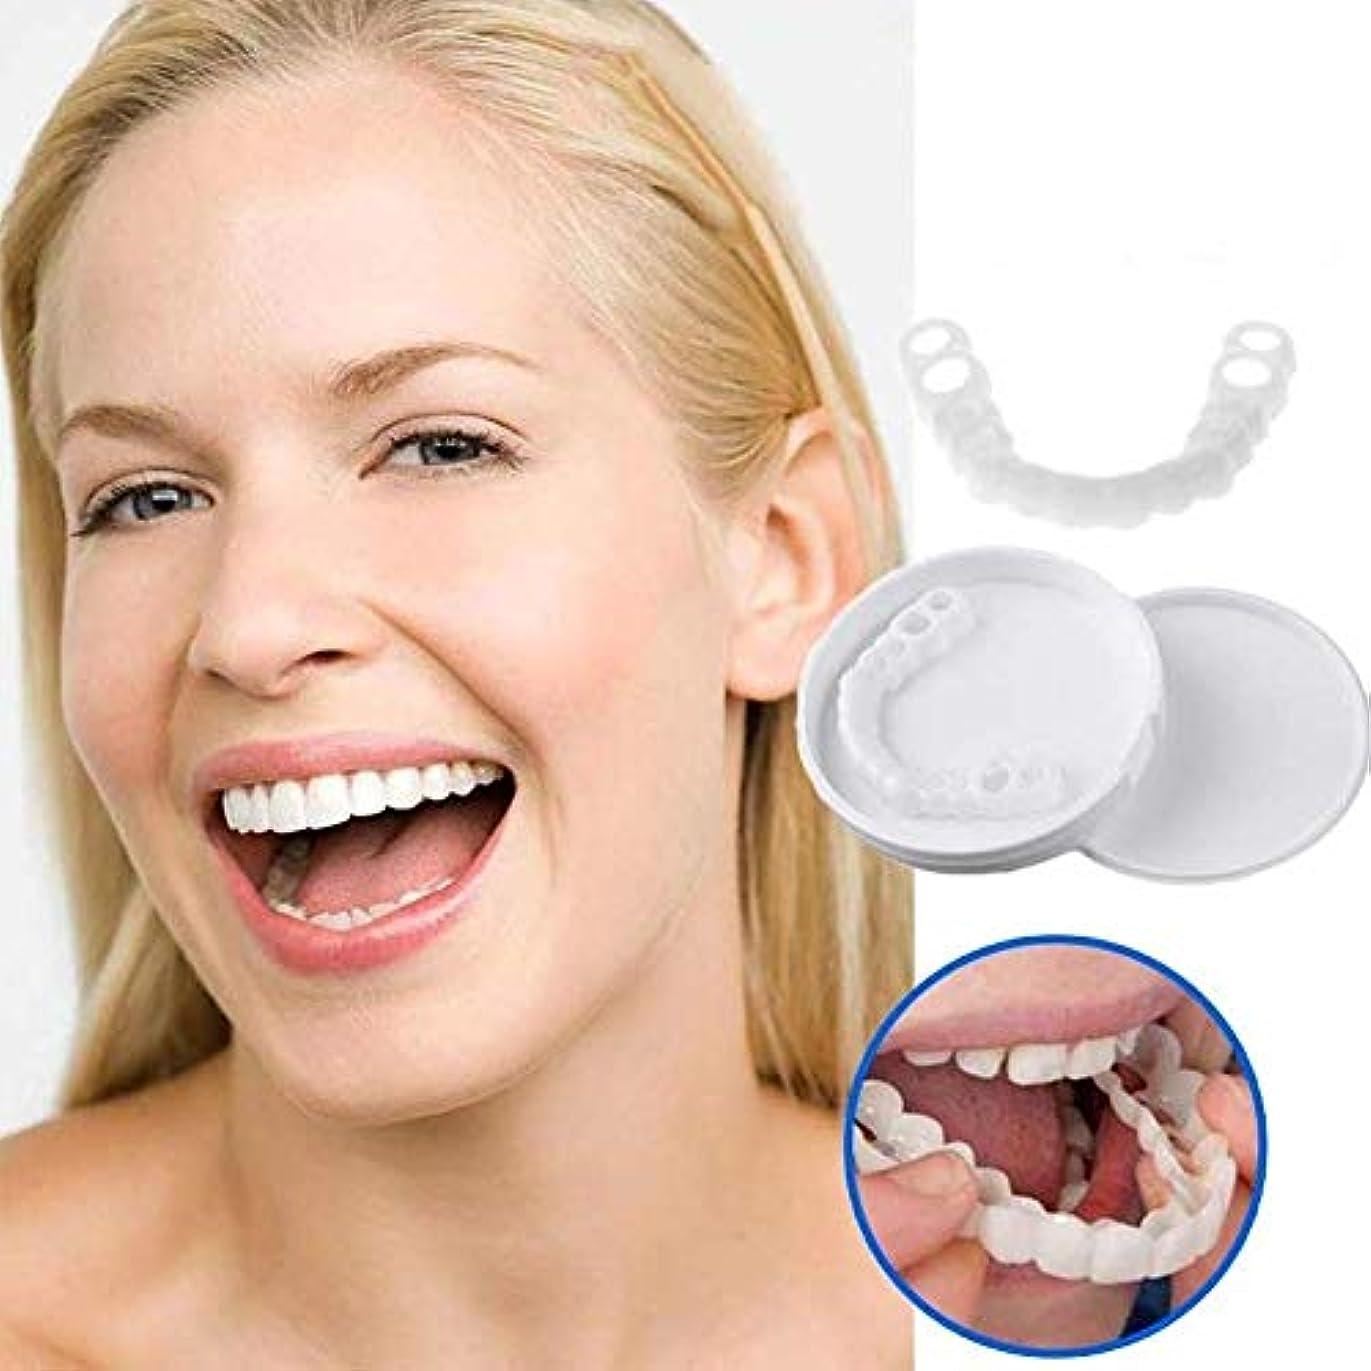 真空取得する地雷原ベニアの歯の1ペア、化粧品の歯 - 一時的な笑顔と快適なフィット柔らかい化粧品の歯、すべてが最もフィットし、快適な上下のベニヤ - 歯のベニア(下+上)